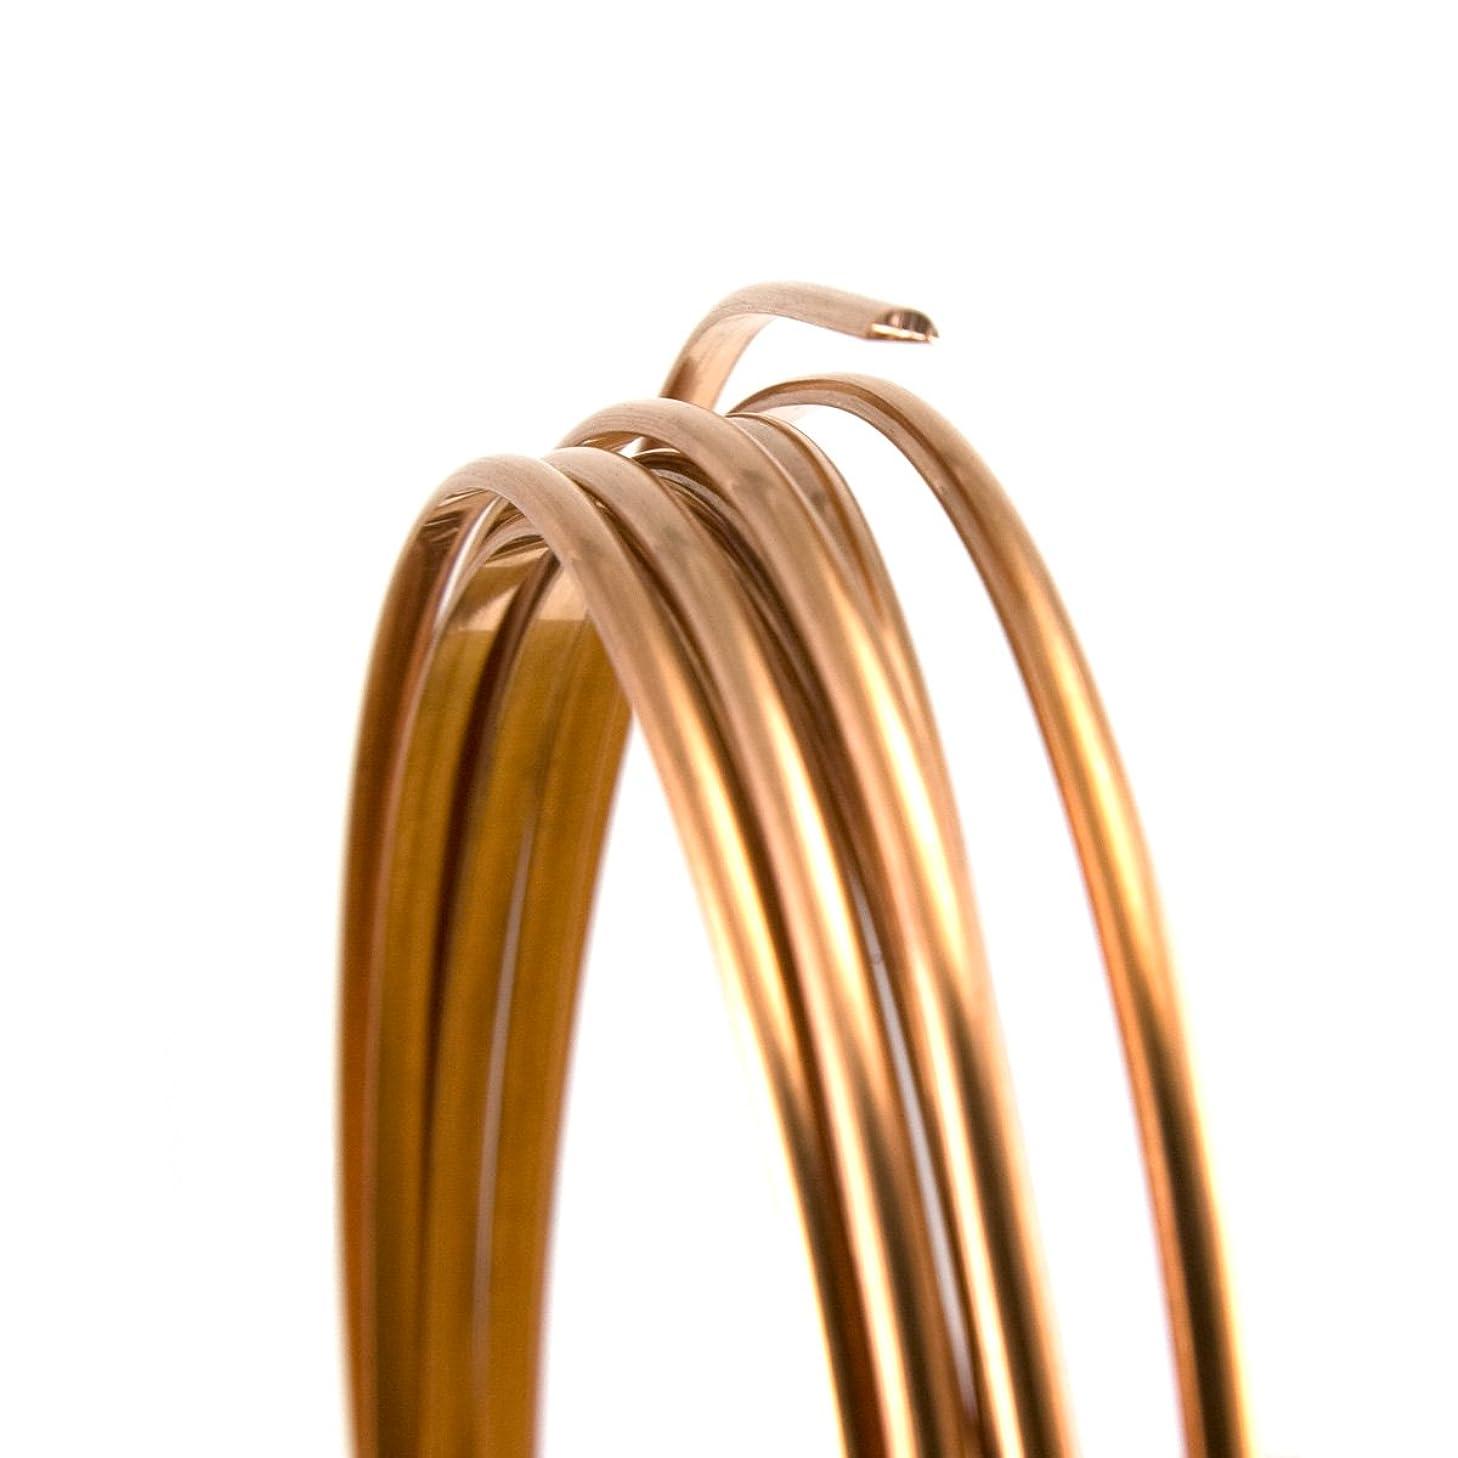 20 Gauge Half Round Half Hard Copper Wire - 25FT